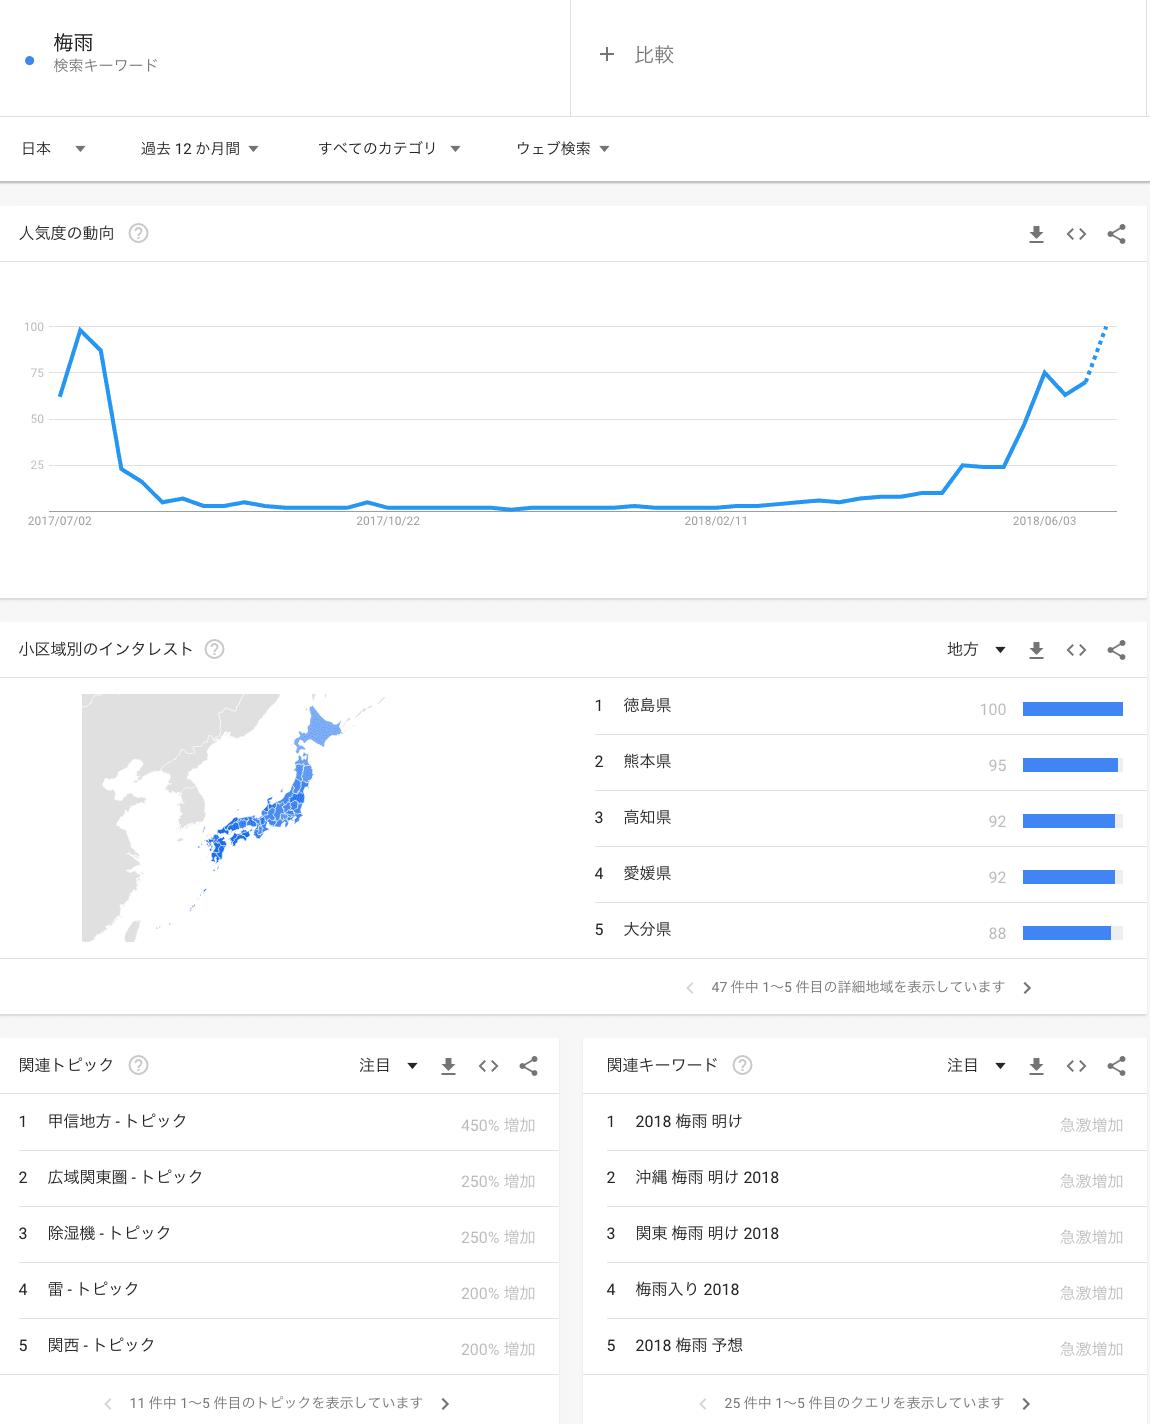 Googleトレンド 梅雨で検索した例 7月付近で上昇